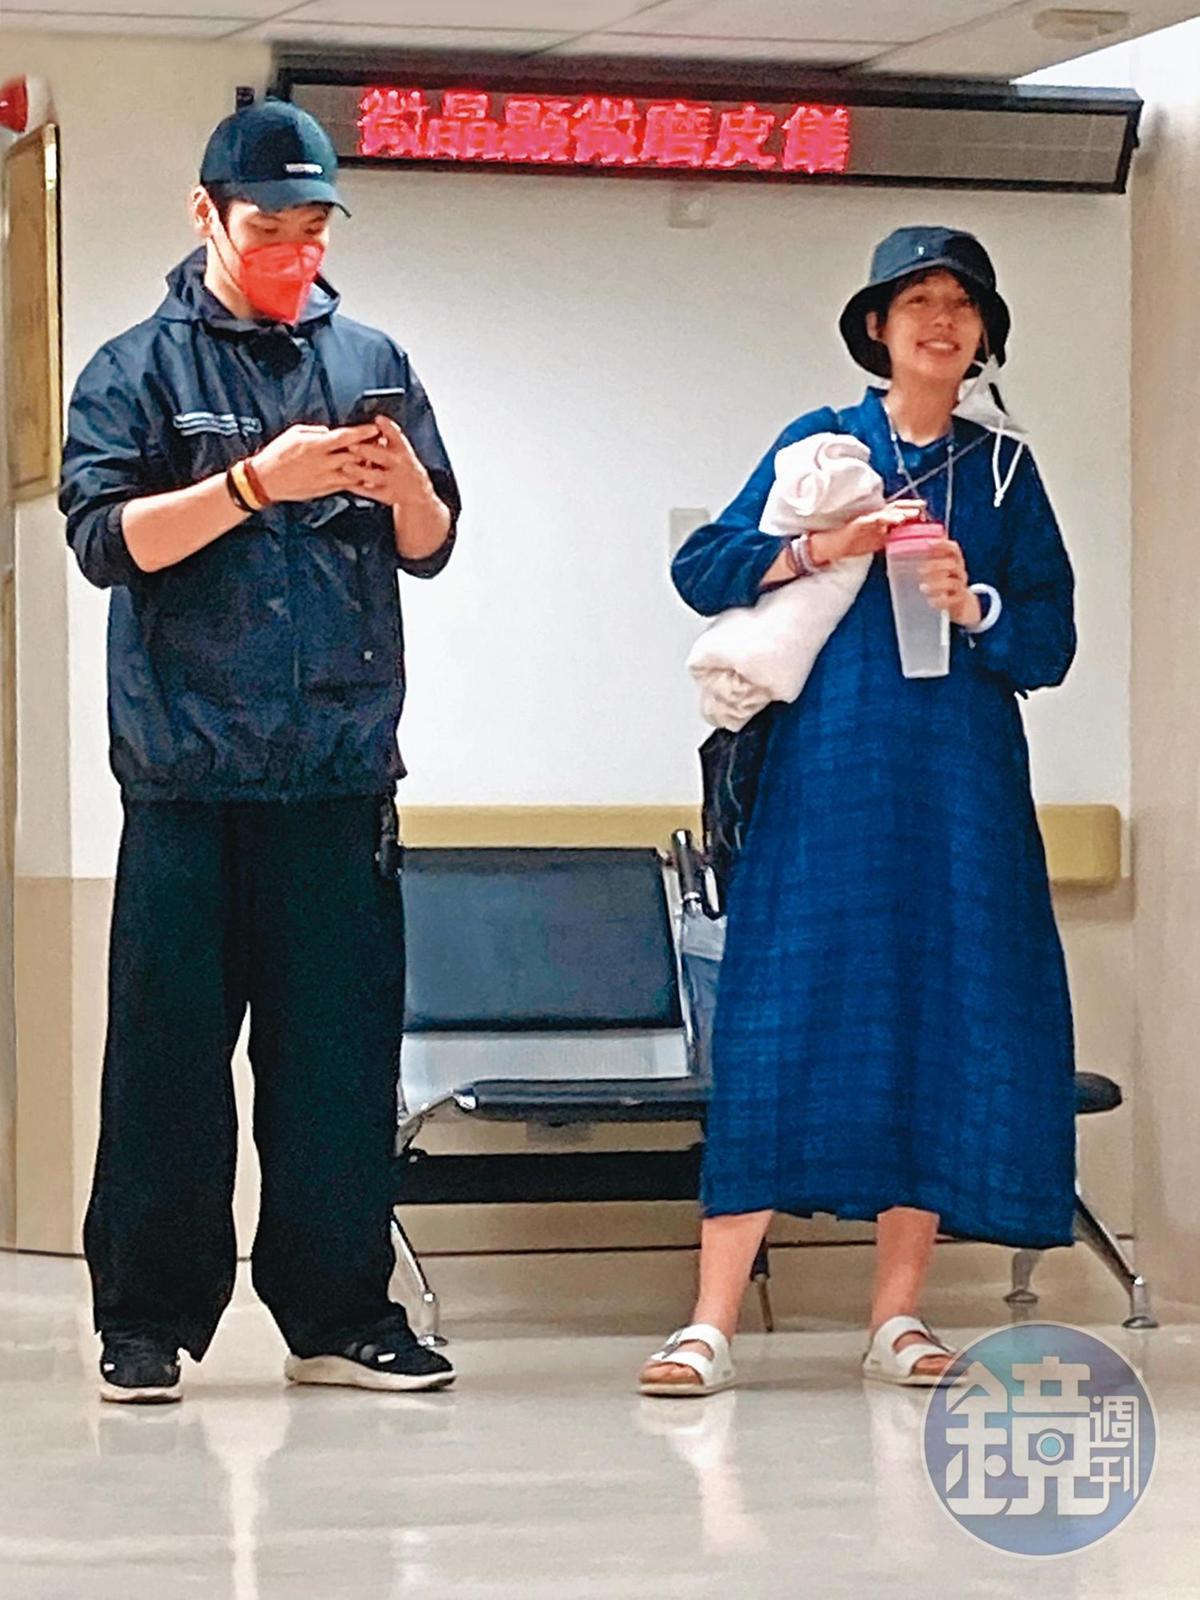 15:17郭碧婷與向佐在產女前形影不離,看得出來孕婦的心情相當不錯。